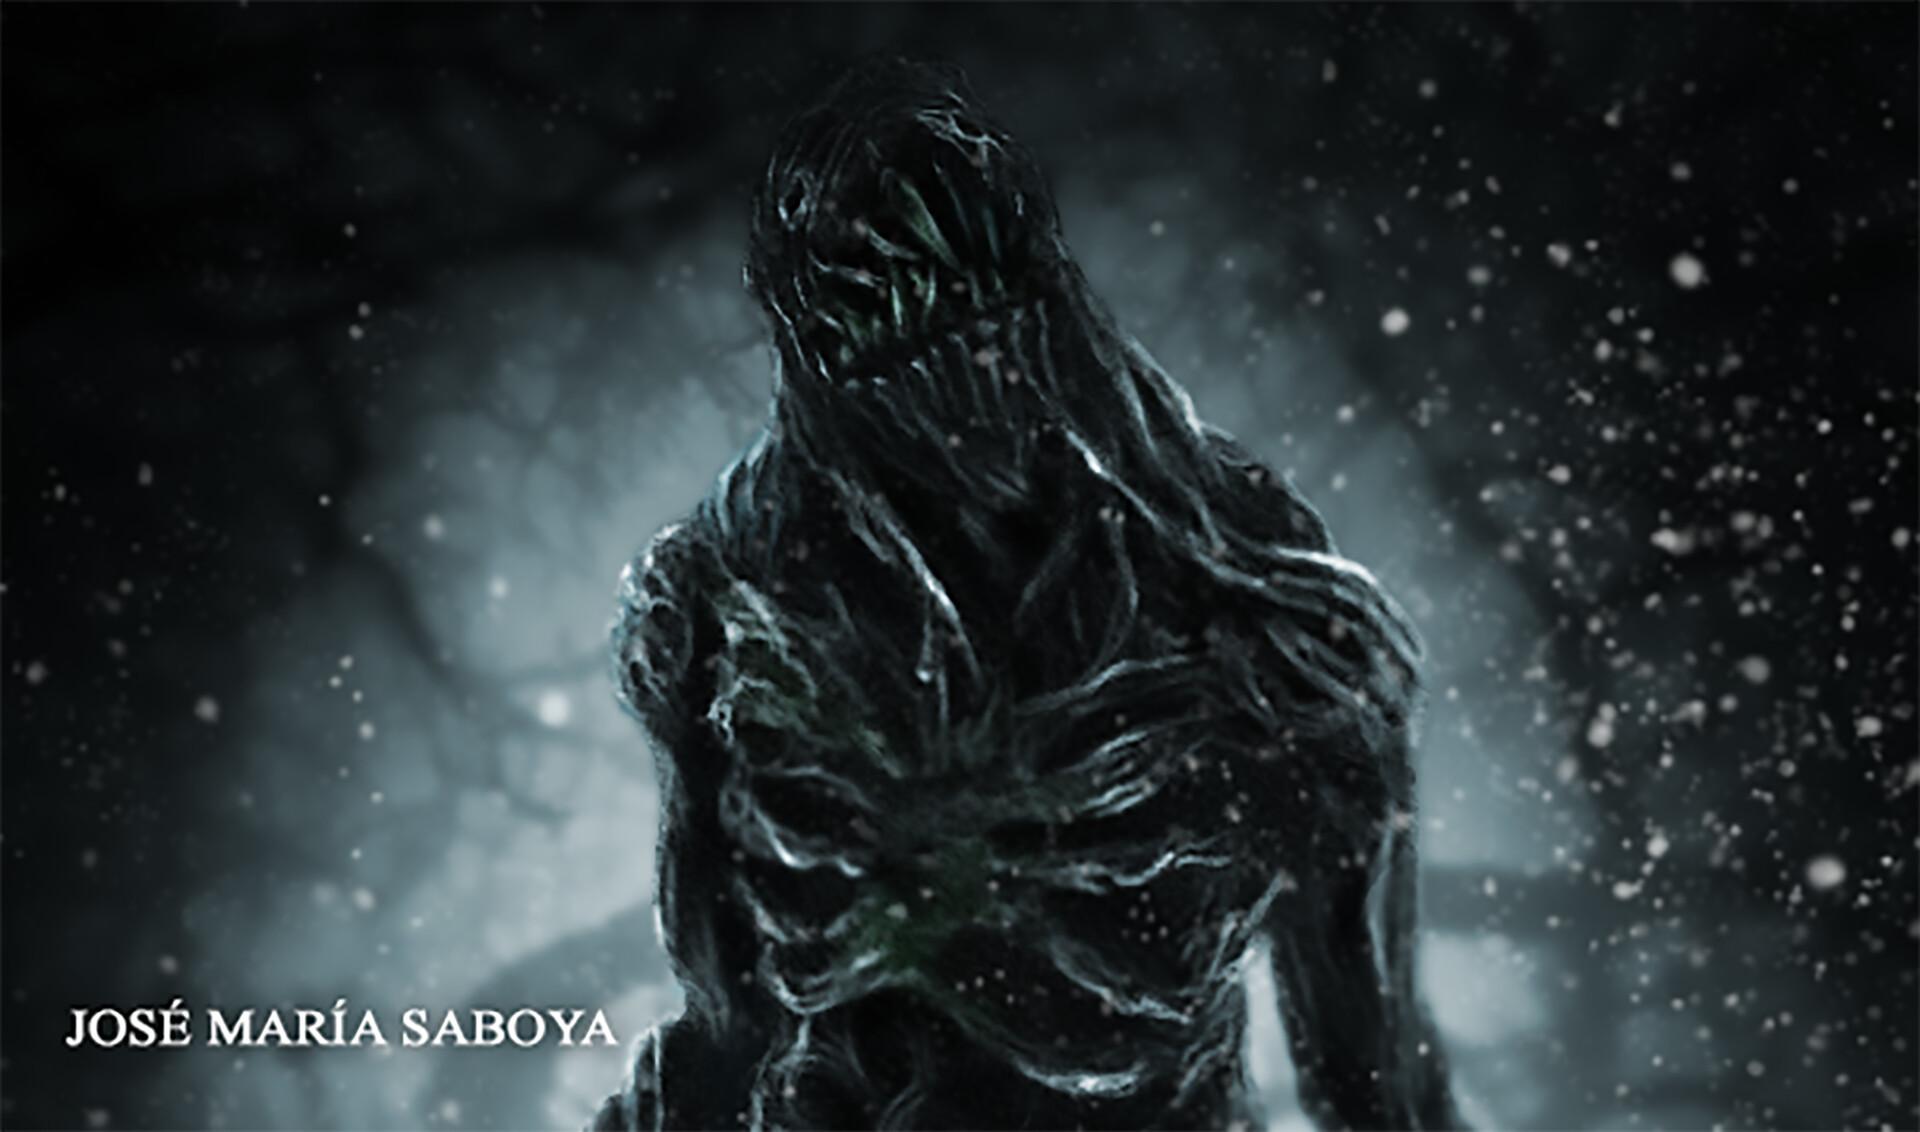 resident evil 7 mold monsters